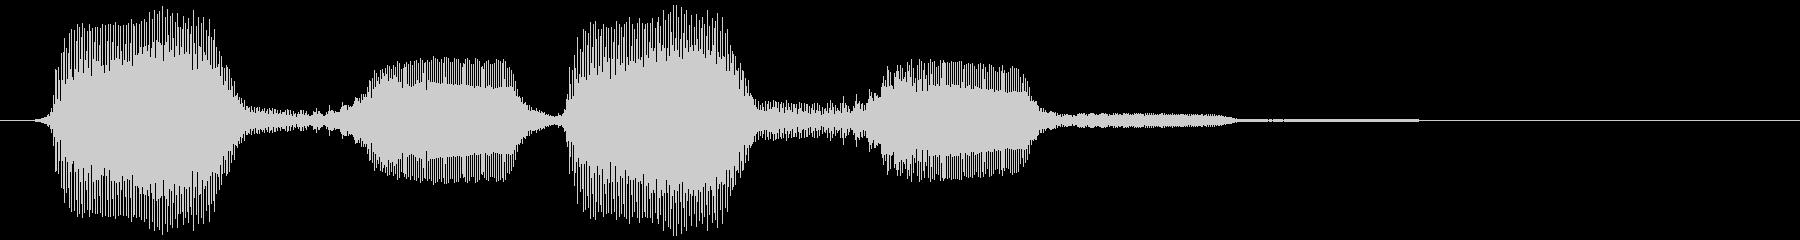 パフパフ(ラッパ、盛り上げ風)の未再生の波形